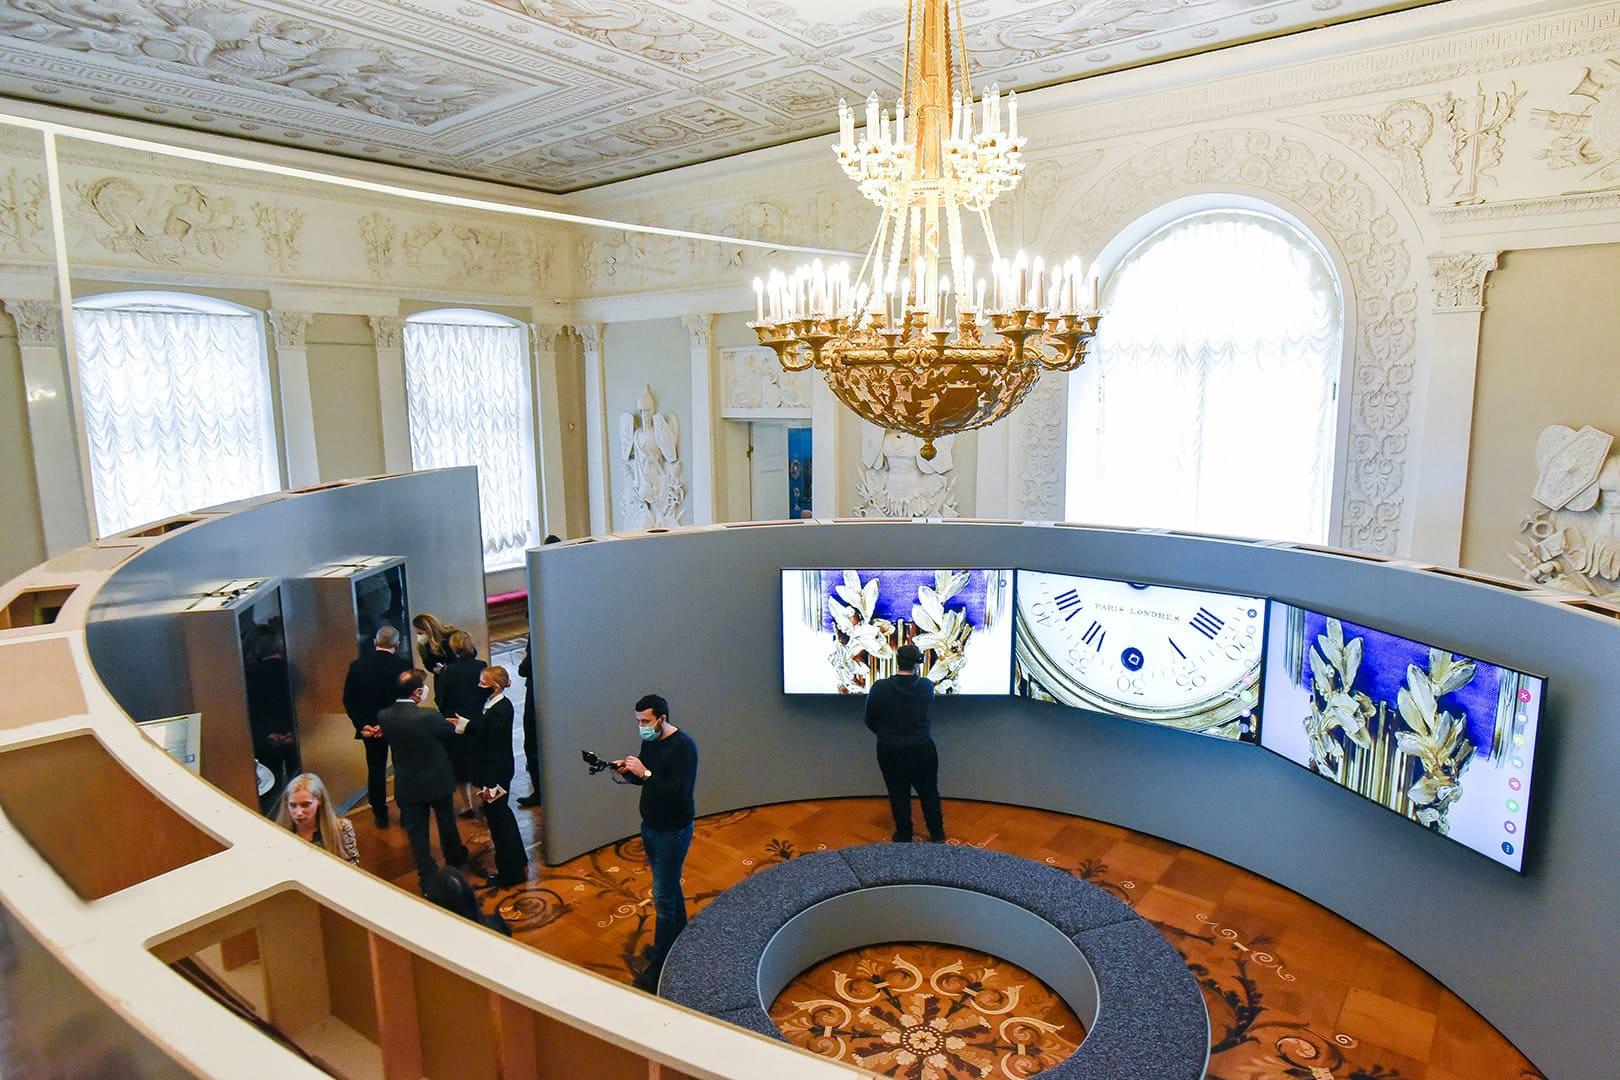 Геральдика в драгоценных украшениях на выставке в Эрмитаже, а также часовой бренд Cartier